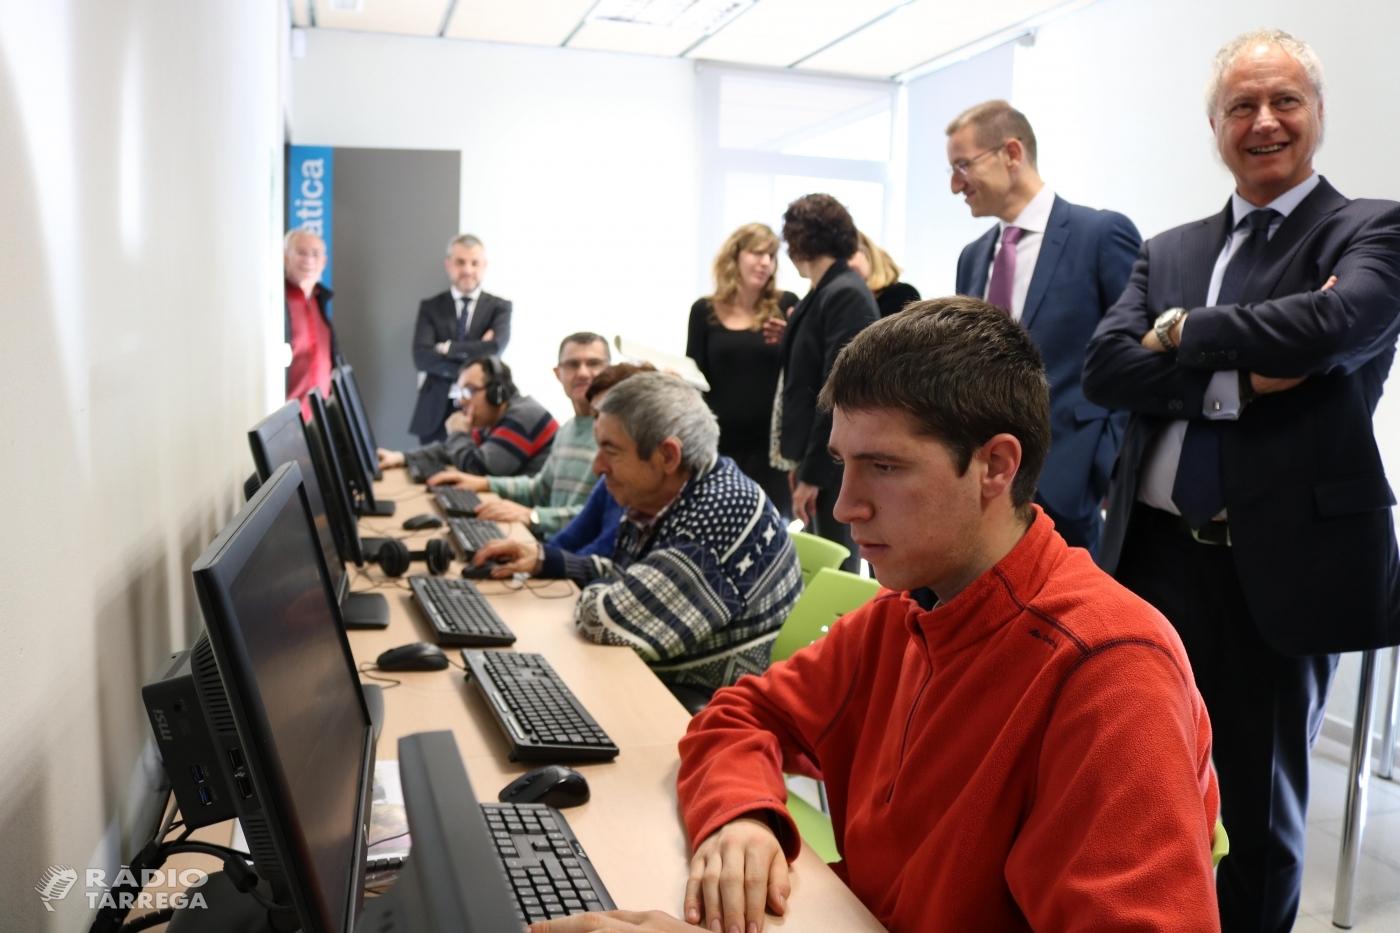 El Grup Alba inaugura nous equipaments informàtics gràcies al projecte de crowdfunding 'Connectats al món' impulsat conjuntament amb CaixaBank